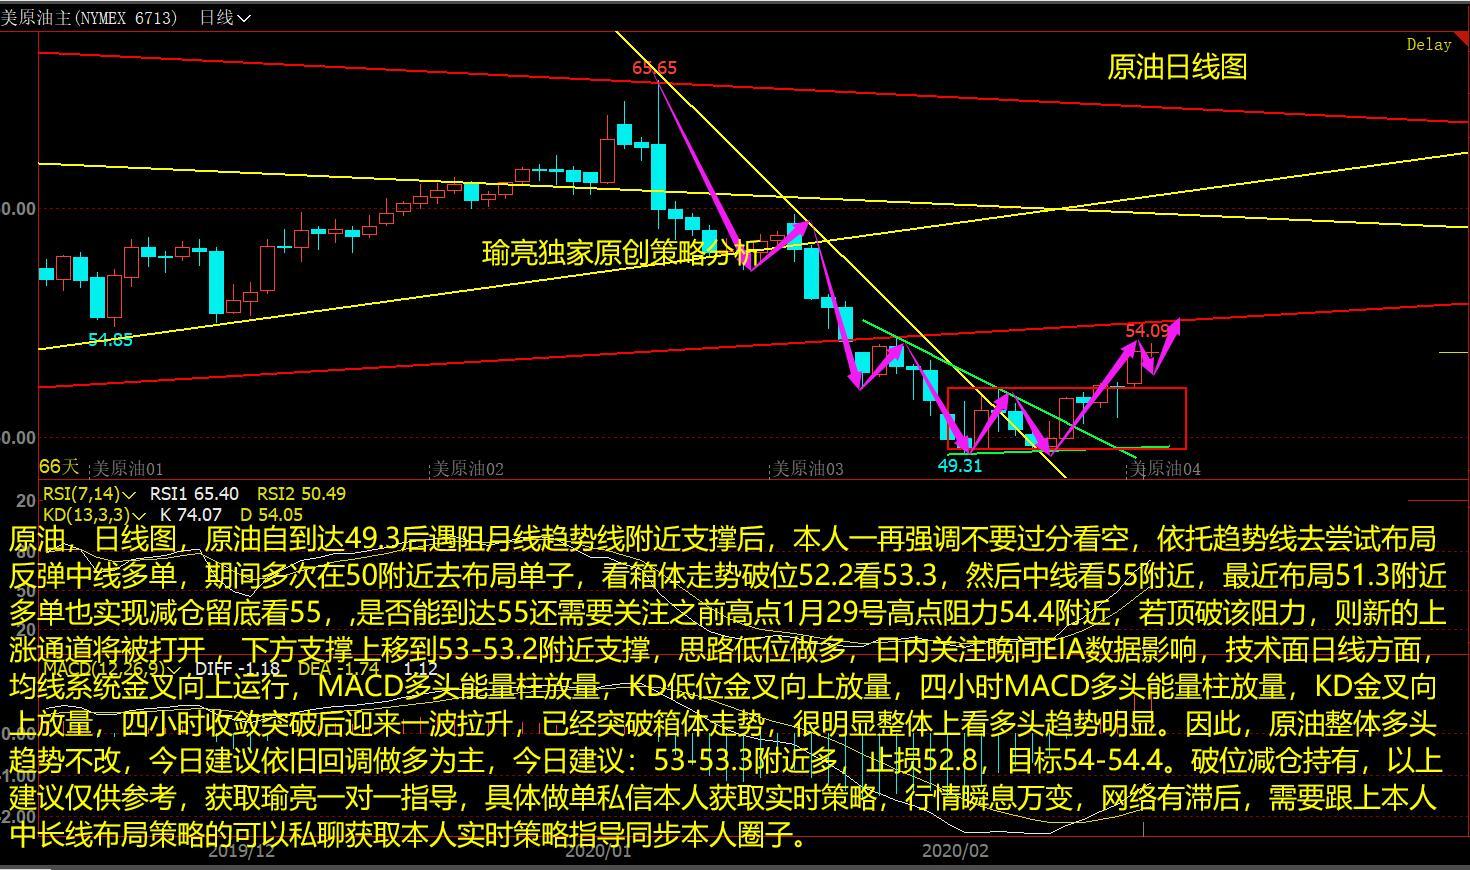 黄瑜亮:2-20原油多头如期爆发剑指55 今日交易策略分析